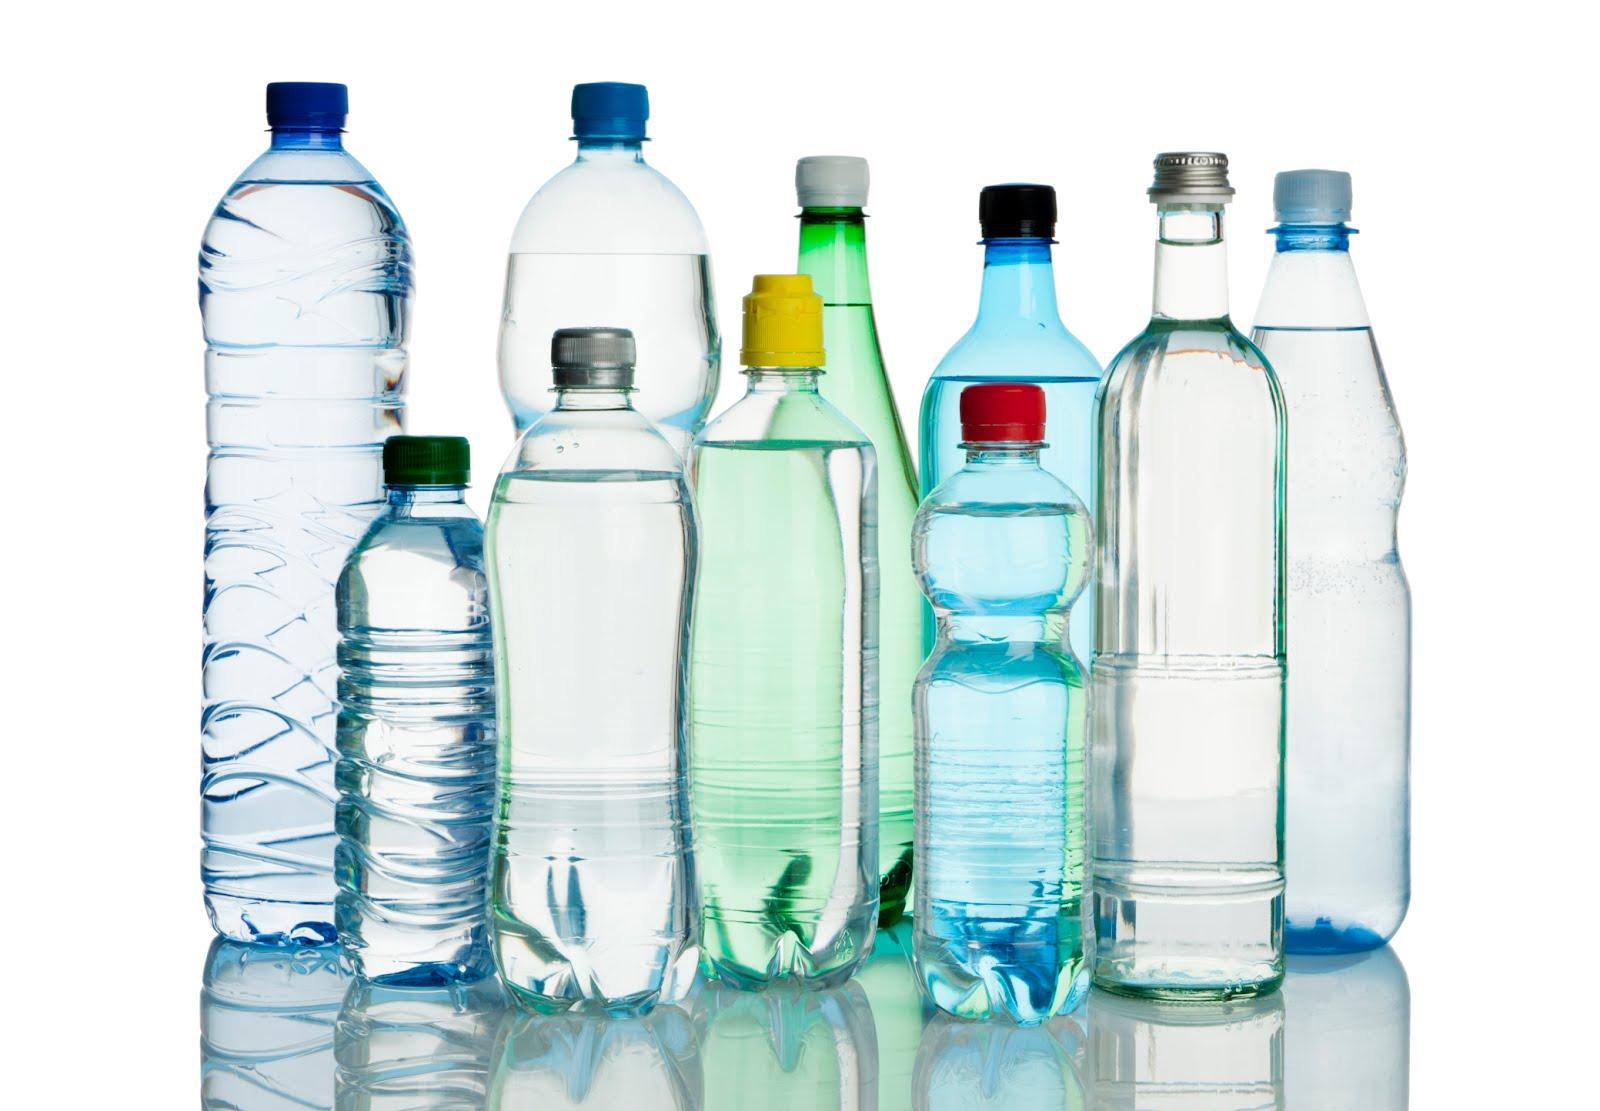 دراسة جدوى مشروع تعبئة المياه المعدنية